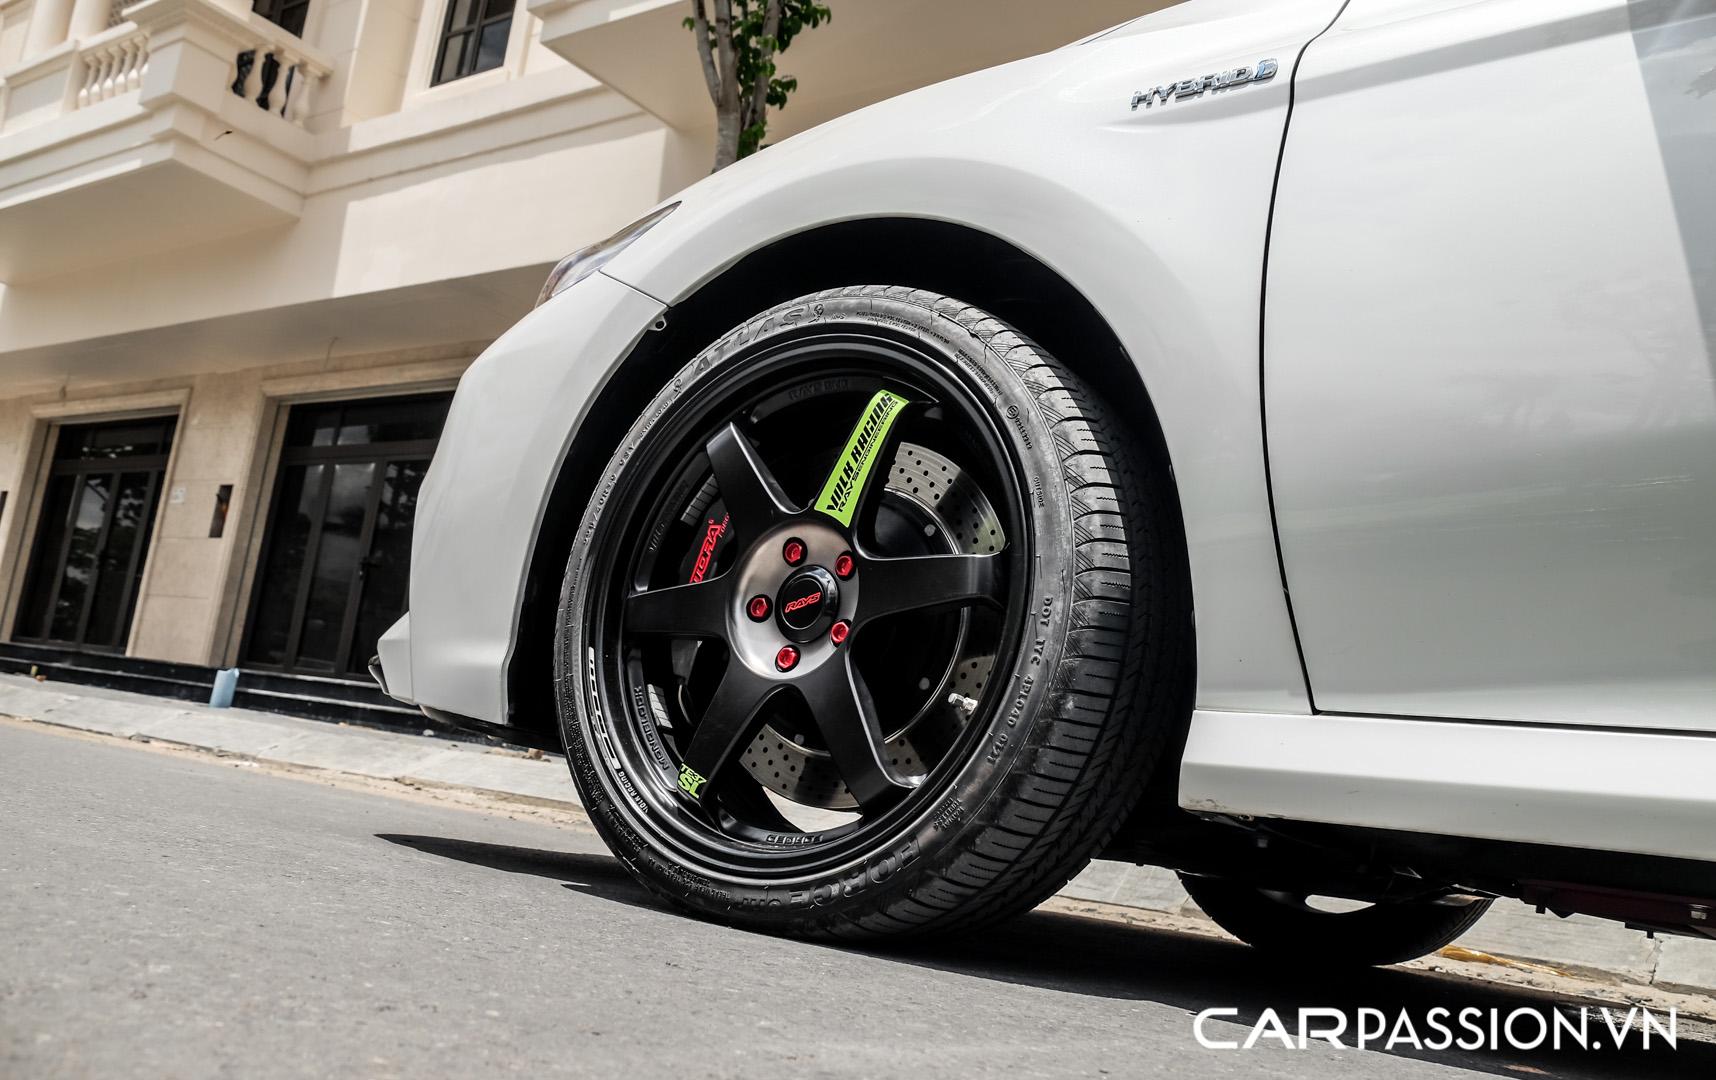 CP-Toyota Camry độ (33).jpg